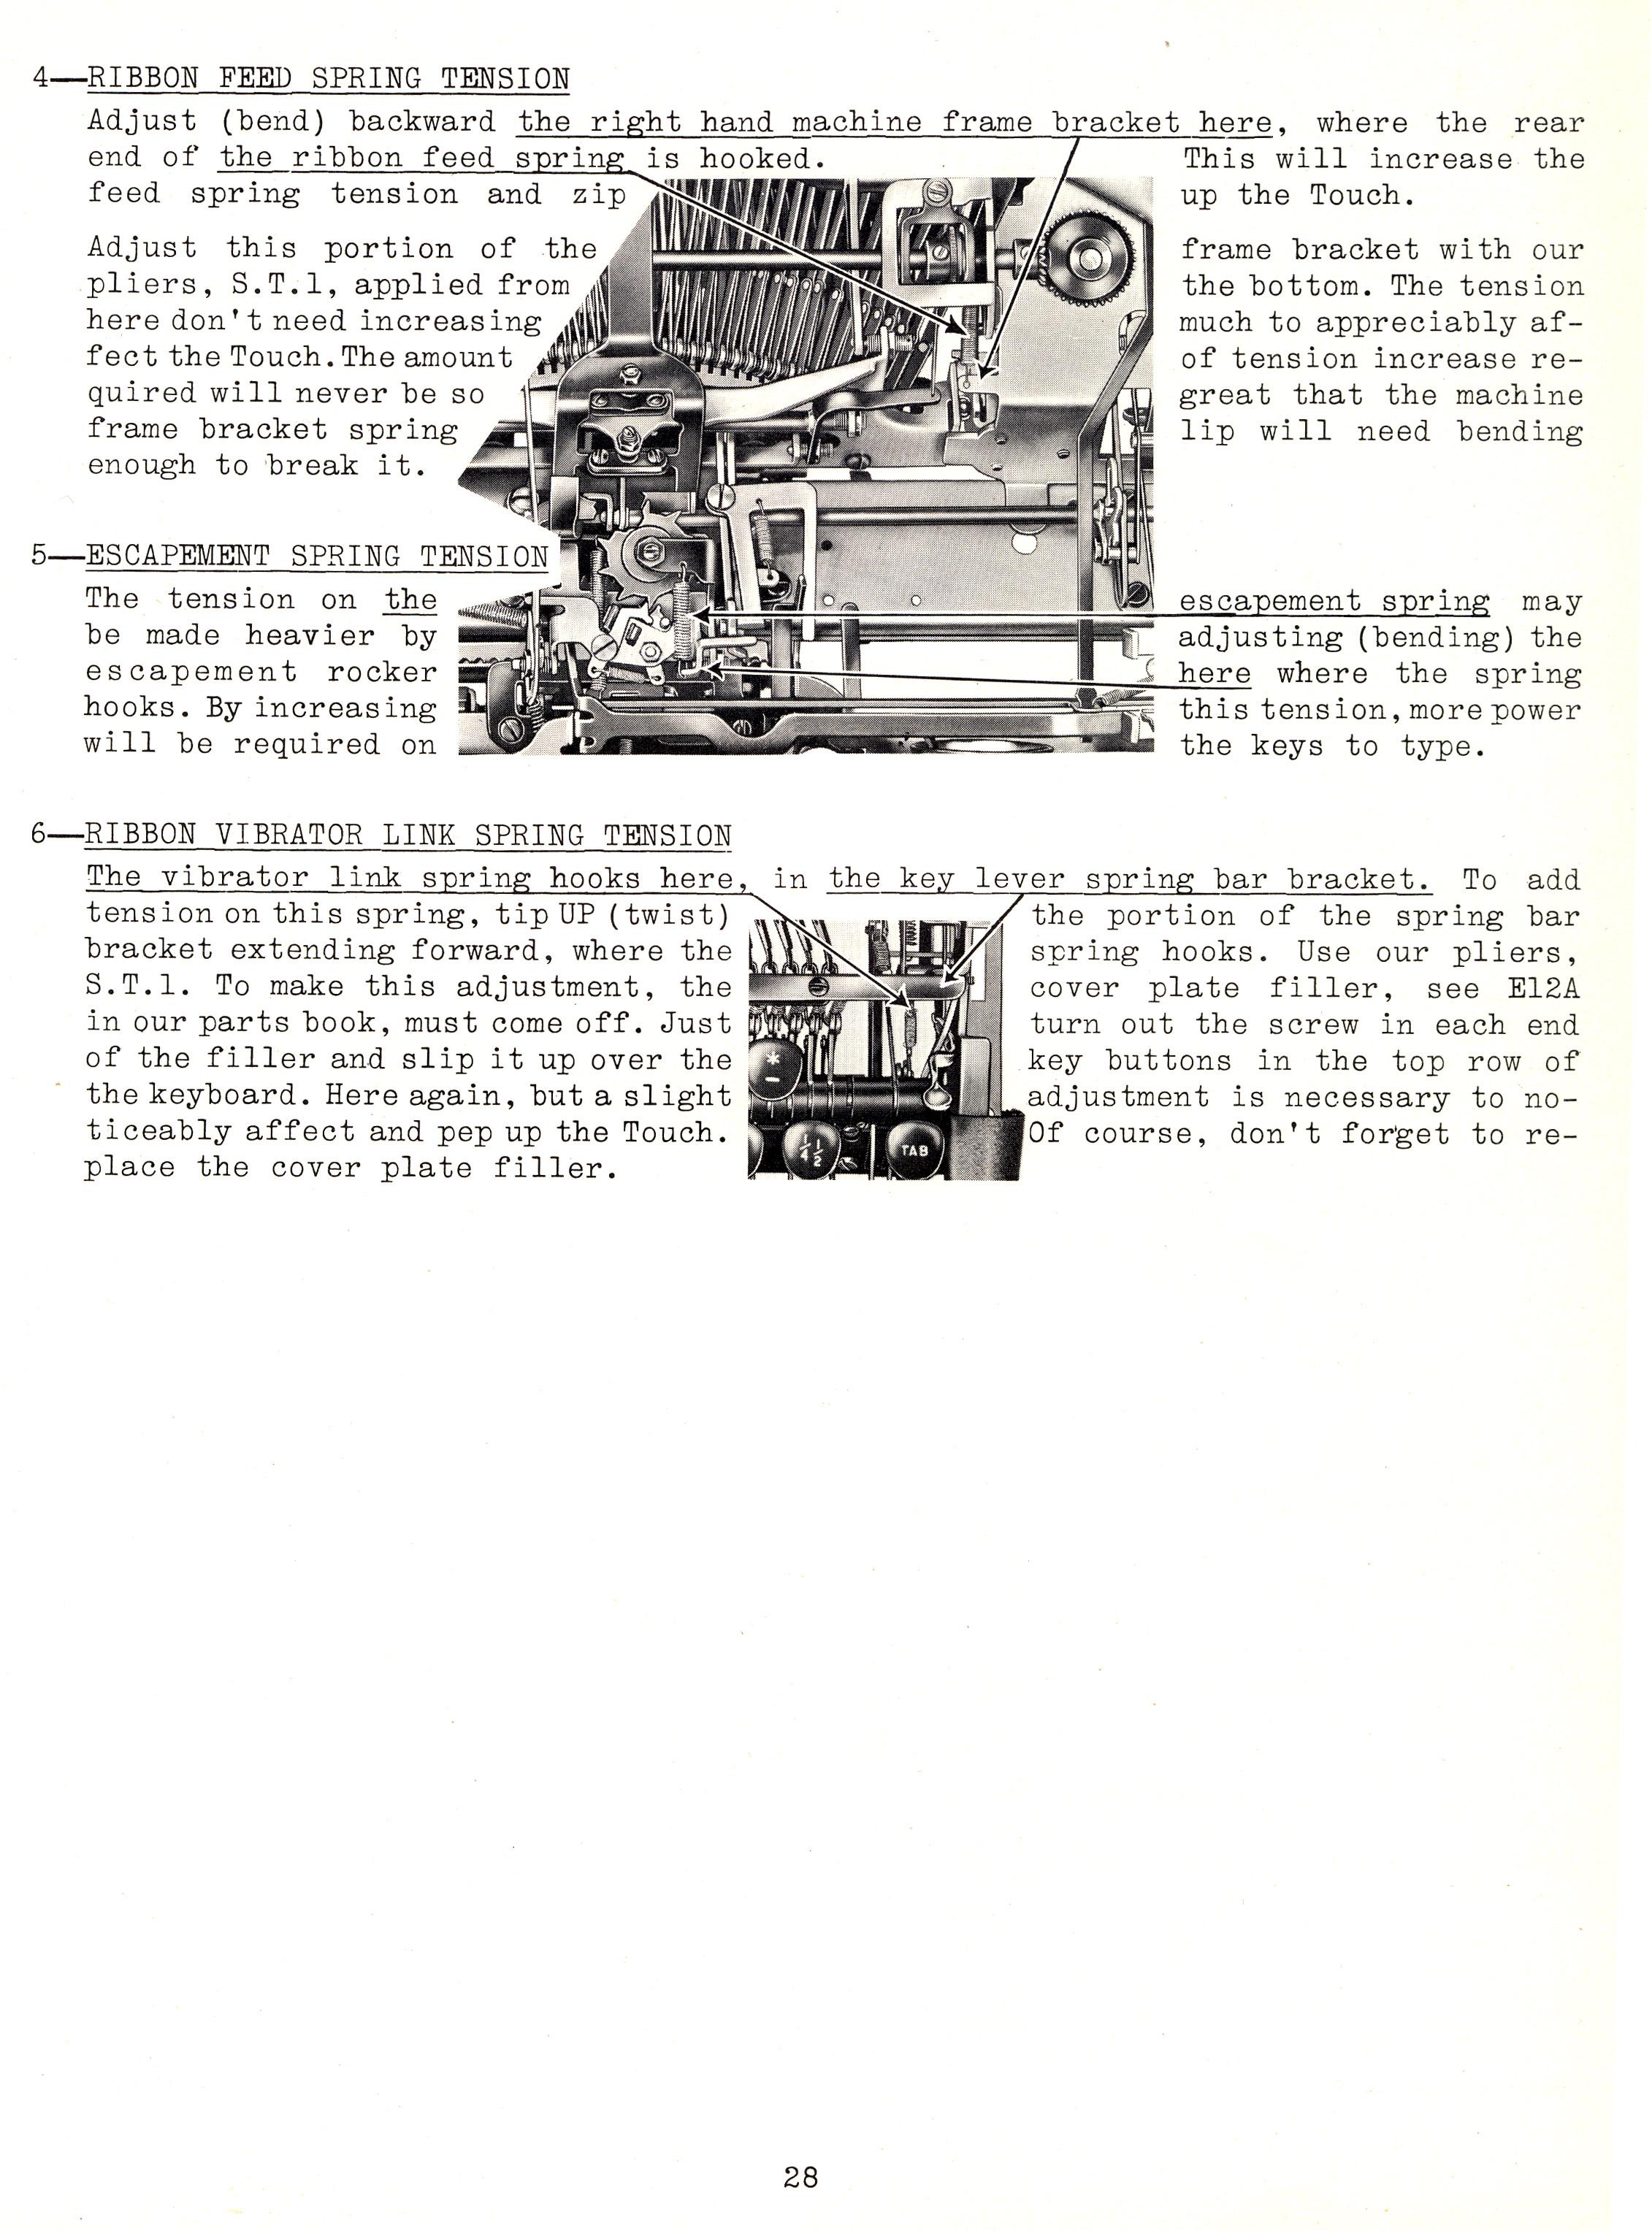 scm5-adj-38